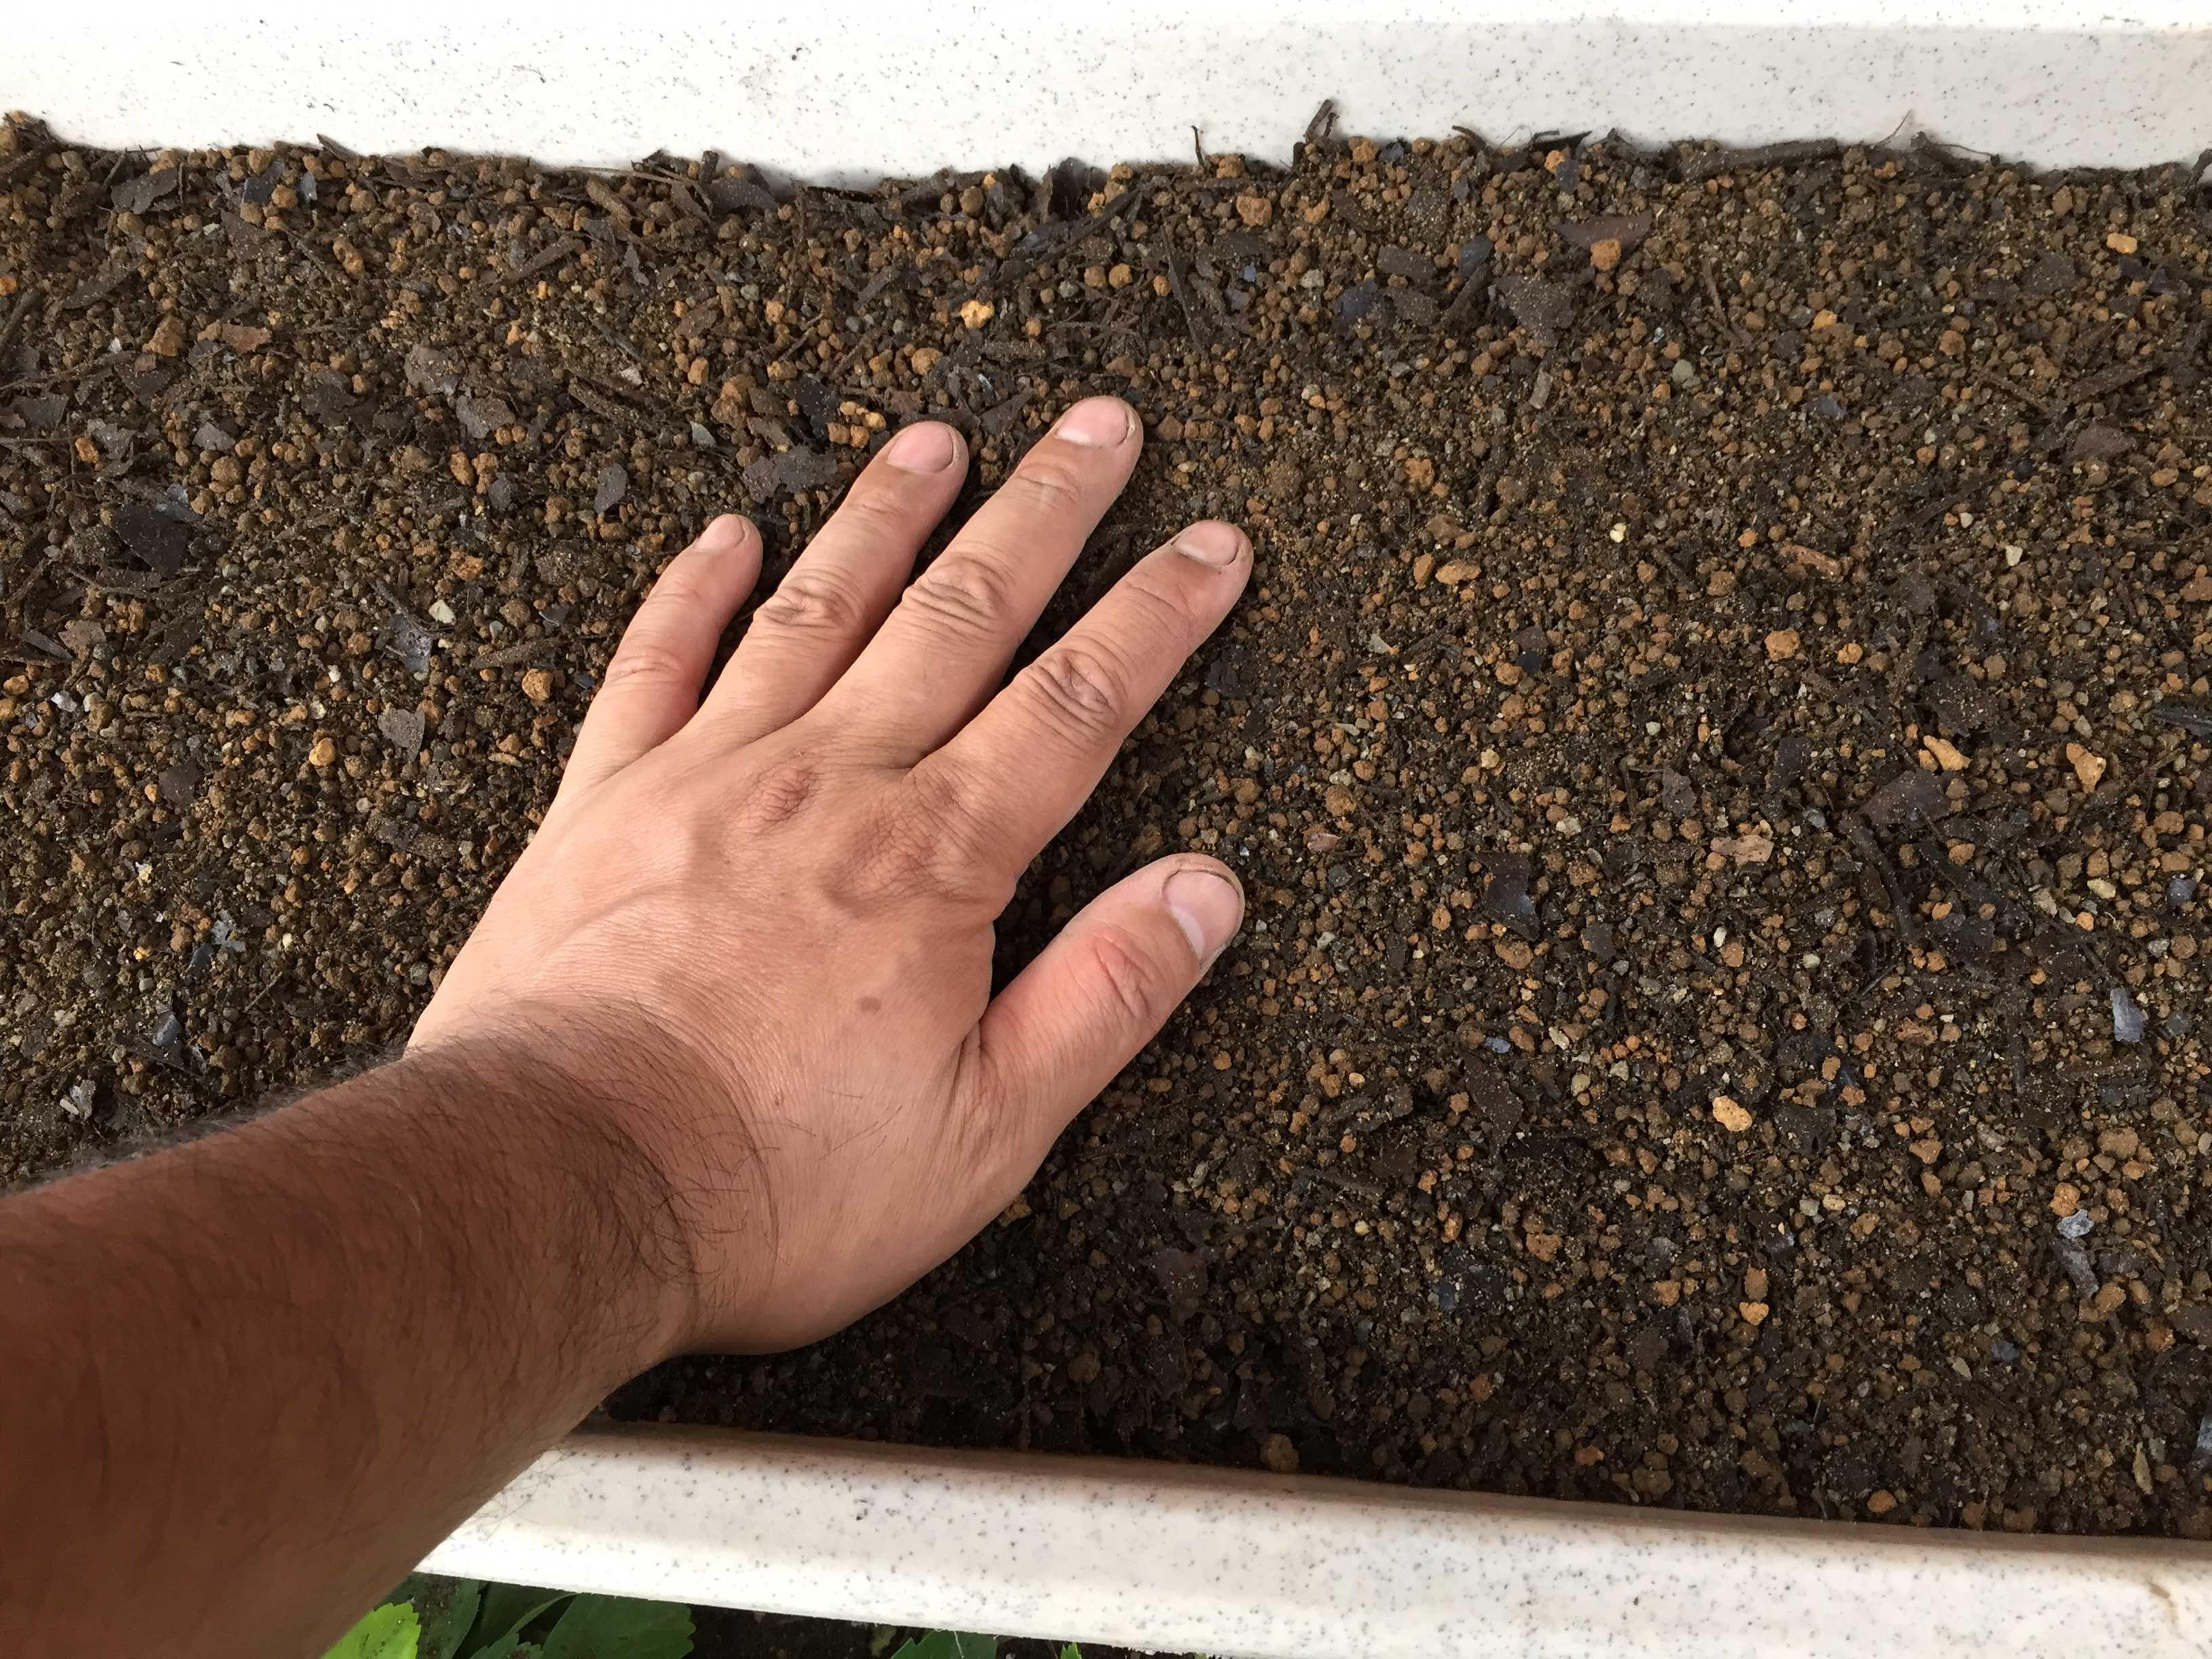 ヤマユリの種子繁殖/実生 - 用土を手で押して覆土